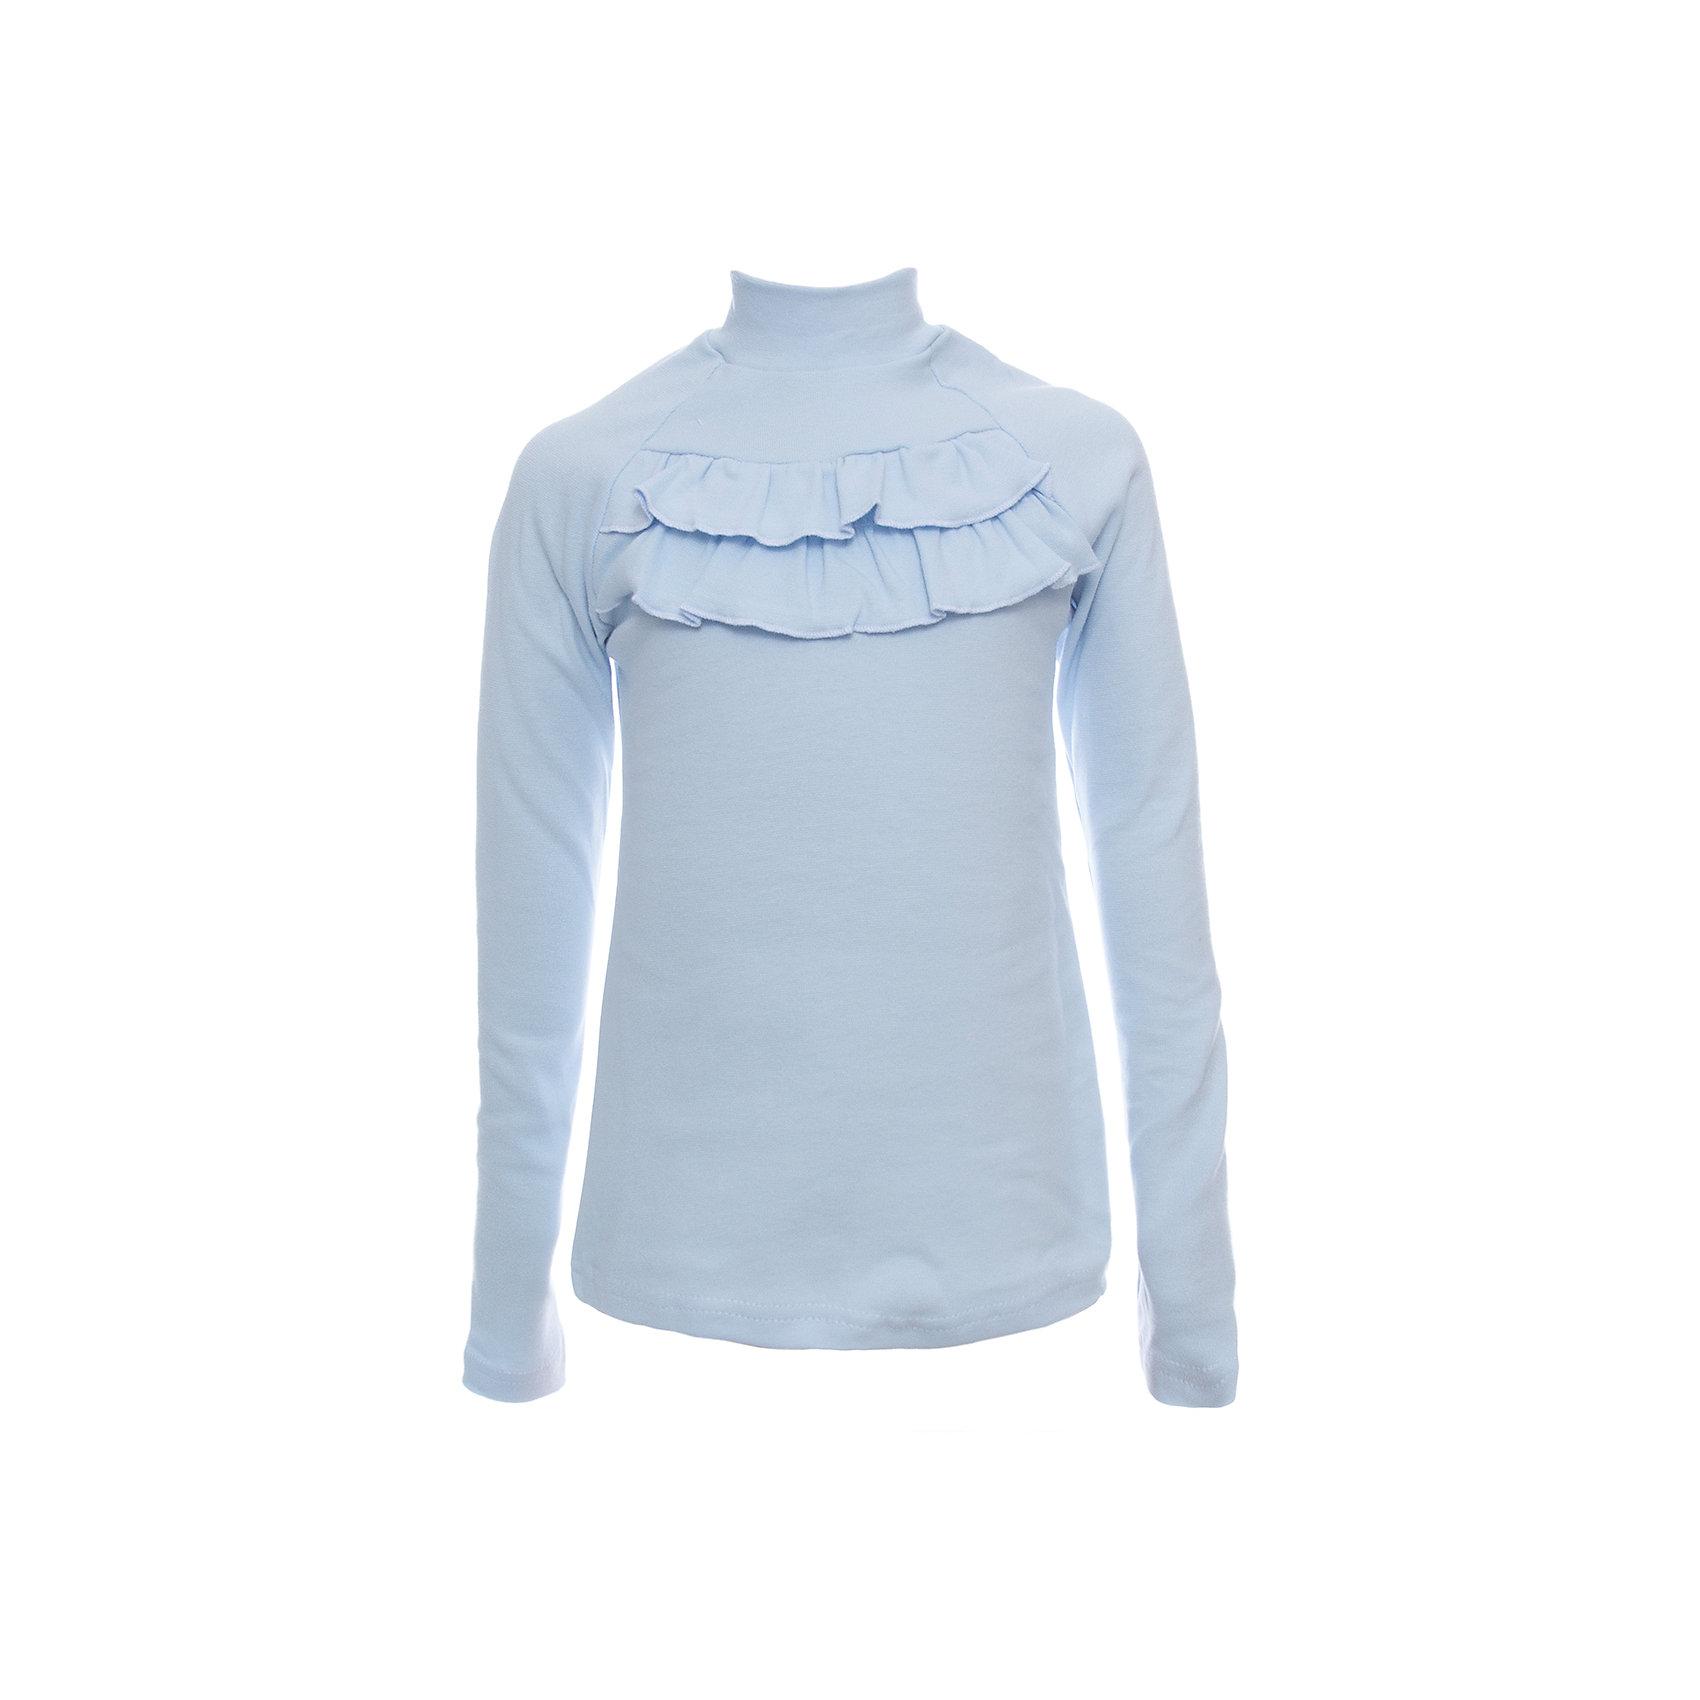 Водолазка Nota Bene для девочкиБлузки и рубашки<br>Водолазка для девочки из трикотажного полотна.<br>Декорирована рюшами.<br>Соответствует размеру.<br>Рекомендована предварительная стирка.<br>Состав:<br>95% хлопок; 5% лайкра<br><br>Ширина мм: 230<br>Глубина мм: 40<br>Высота мм: 220<br>Вес г: 250<br>Цвет: голубой<br>Возраст от месяцев: 108<br>Возраст до месяцев: 120<br>Пол: Женский<br>Возраст: Детский<br>Размер: 140,122,128,134<br>SKU: 7012009